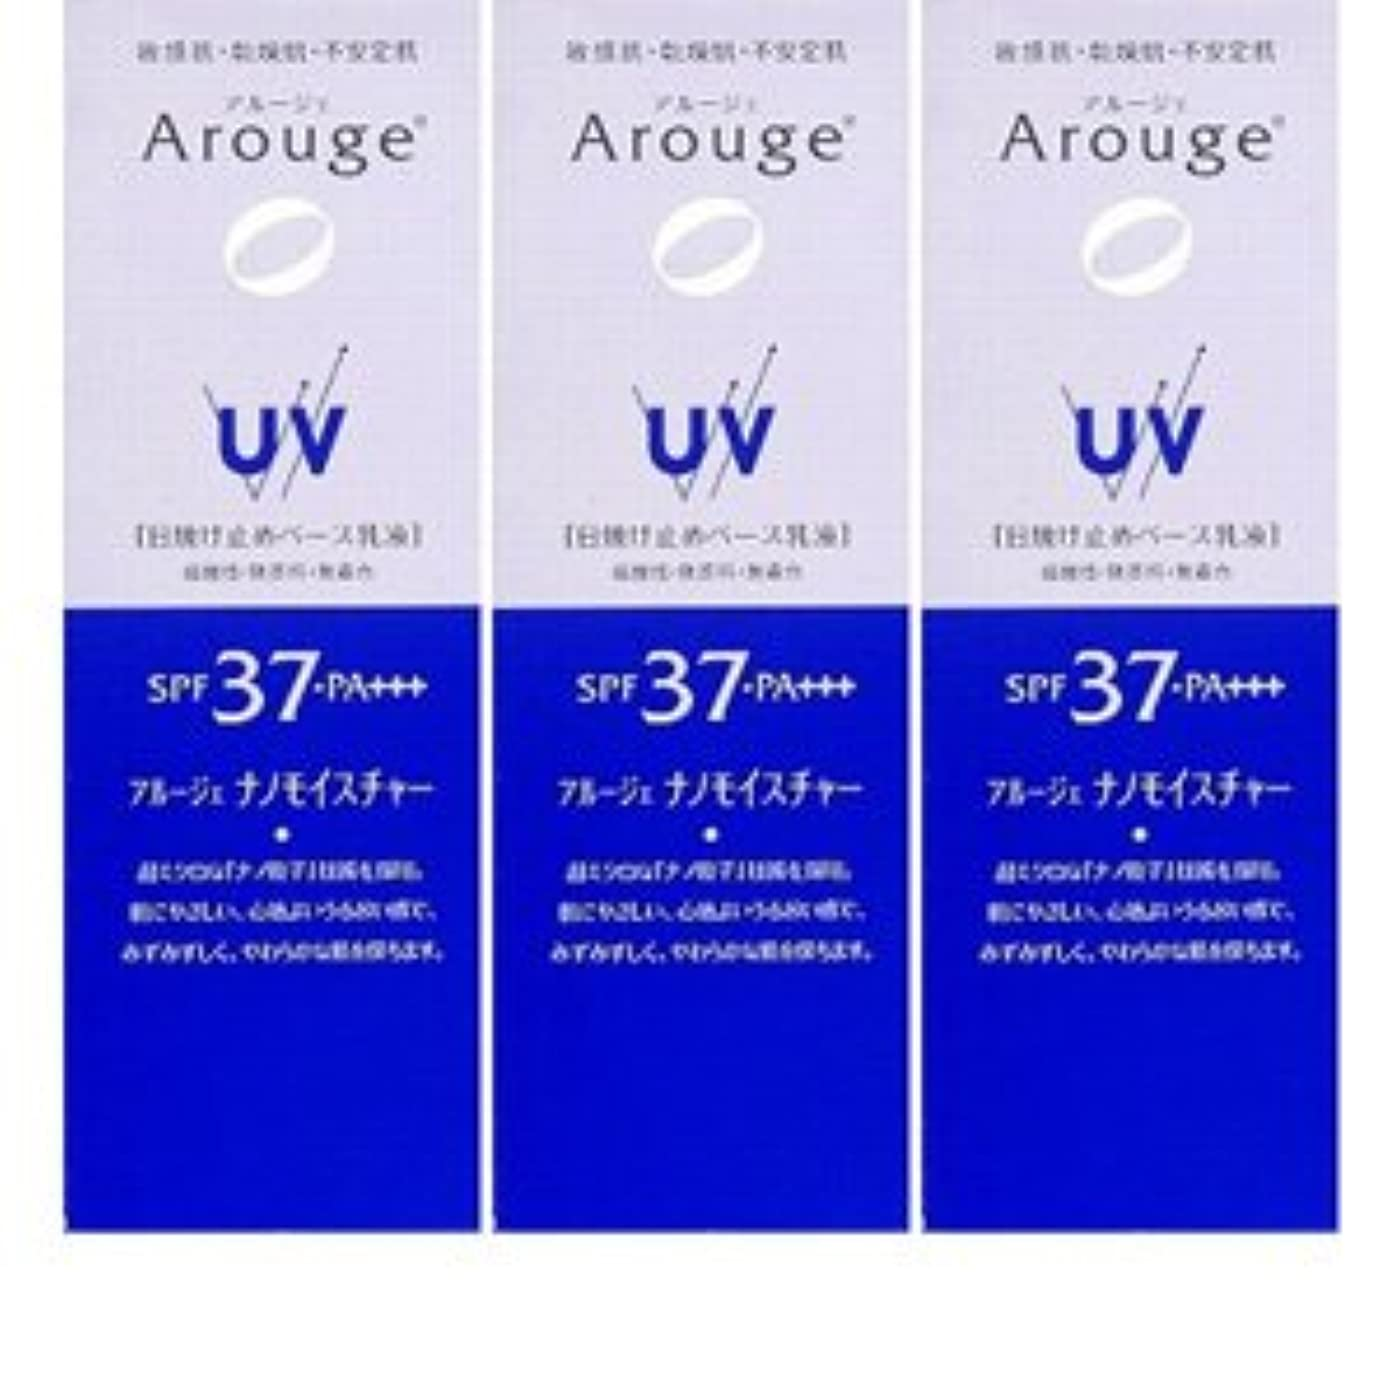 友だち夫ナラーバー【3個】アルージェ UVプロテクトビューティーアップ 25gx3個(4987305952912)